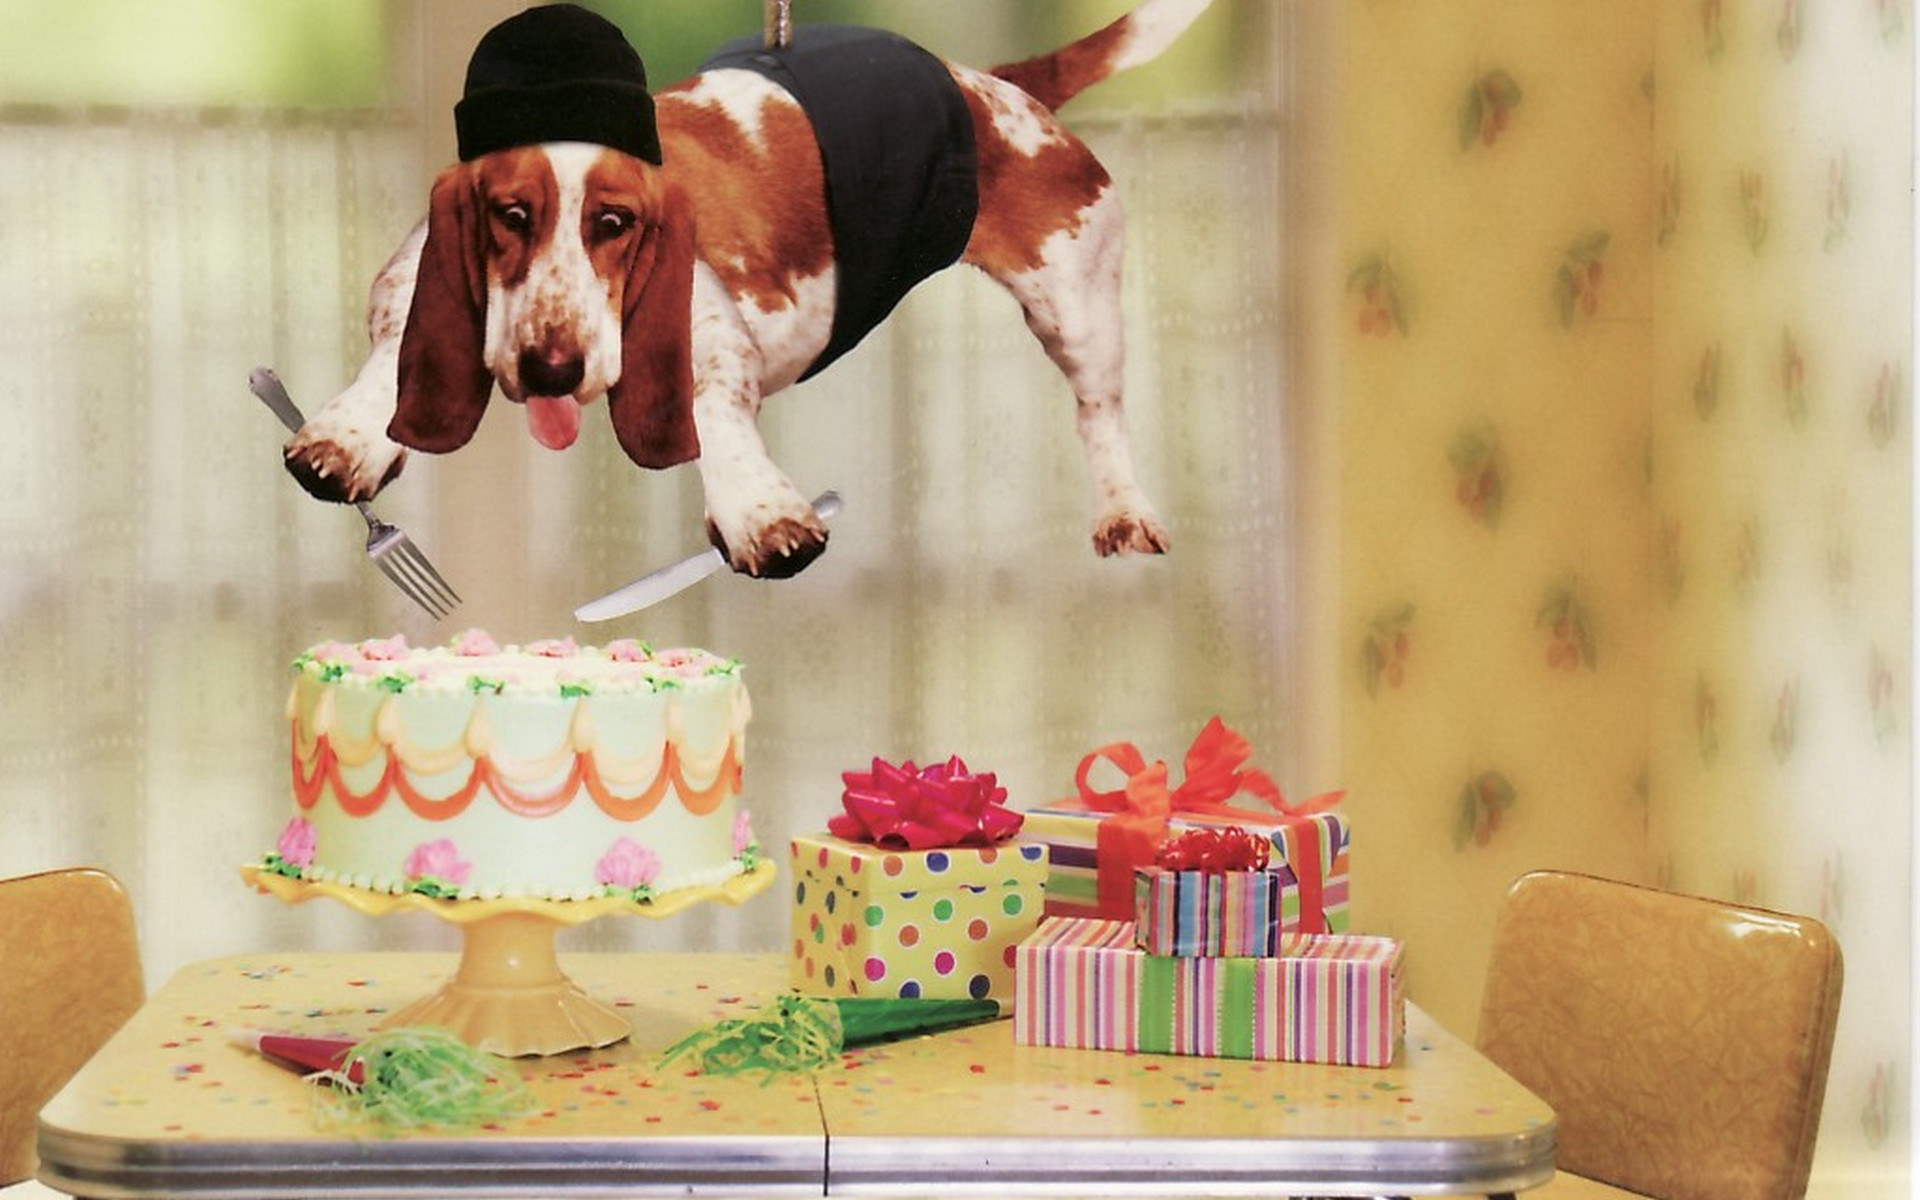 плюсам поздравления с днем рождения хозяйке квартиры кабина